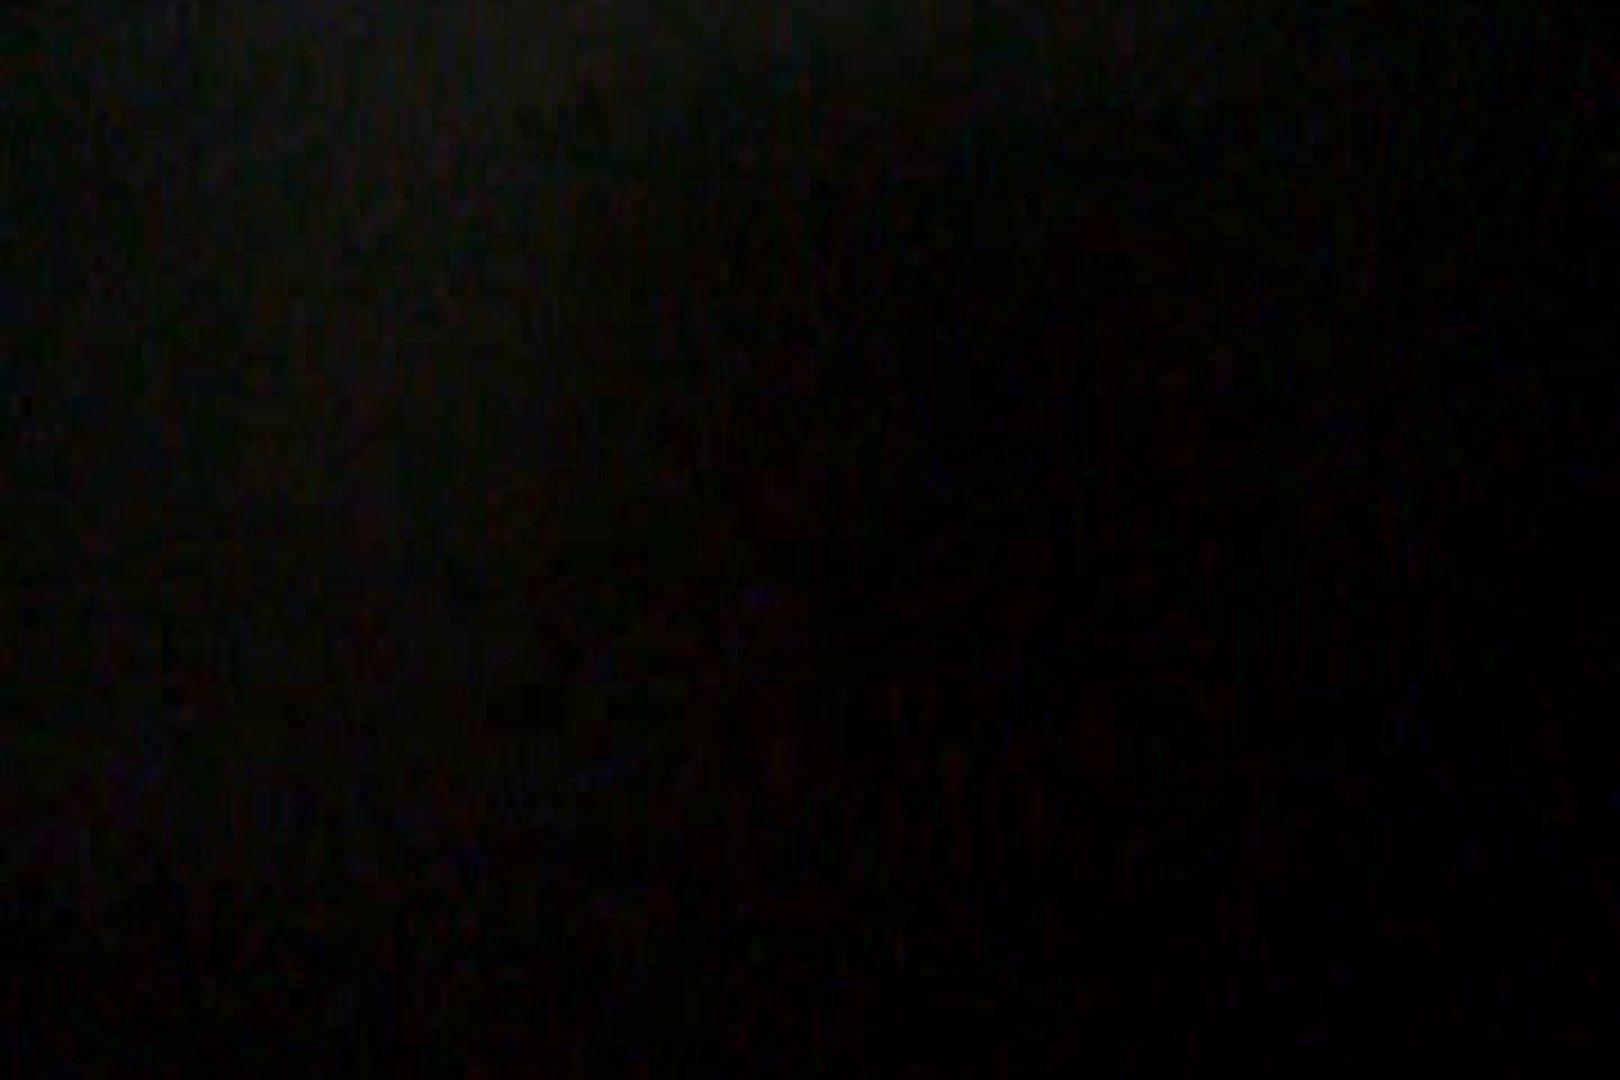 ぼっとん洗面所スペシャルVol.5 洗面所 盗撮ワレメ無修正動画無料 103pic 51